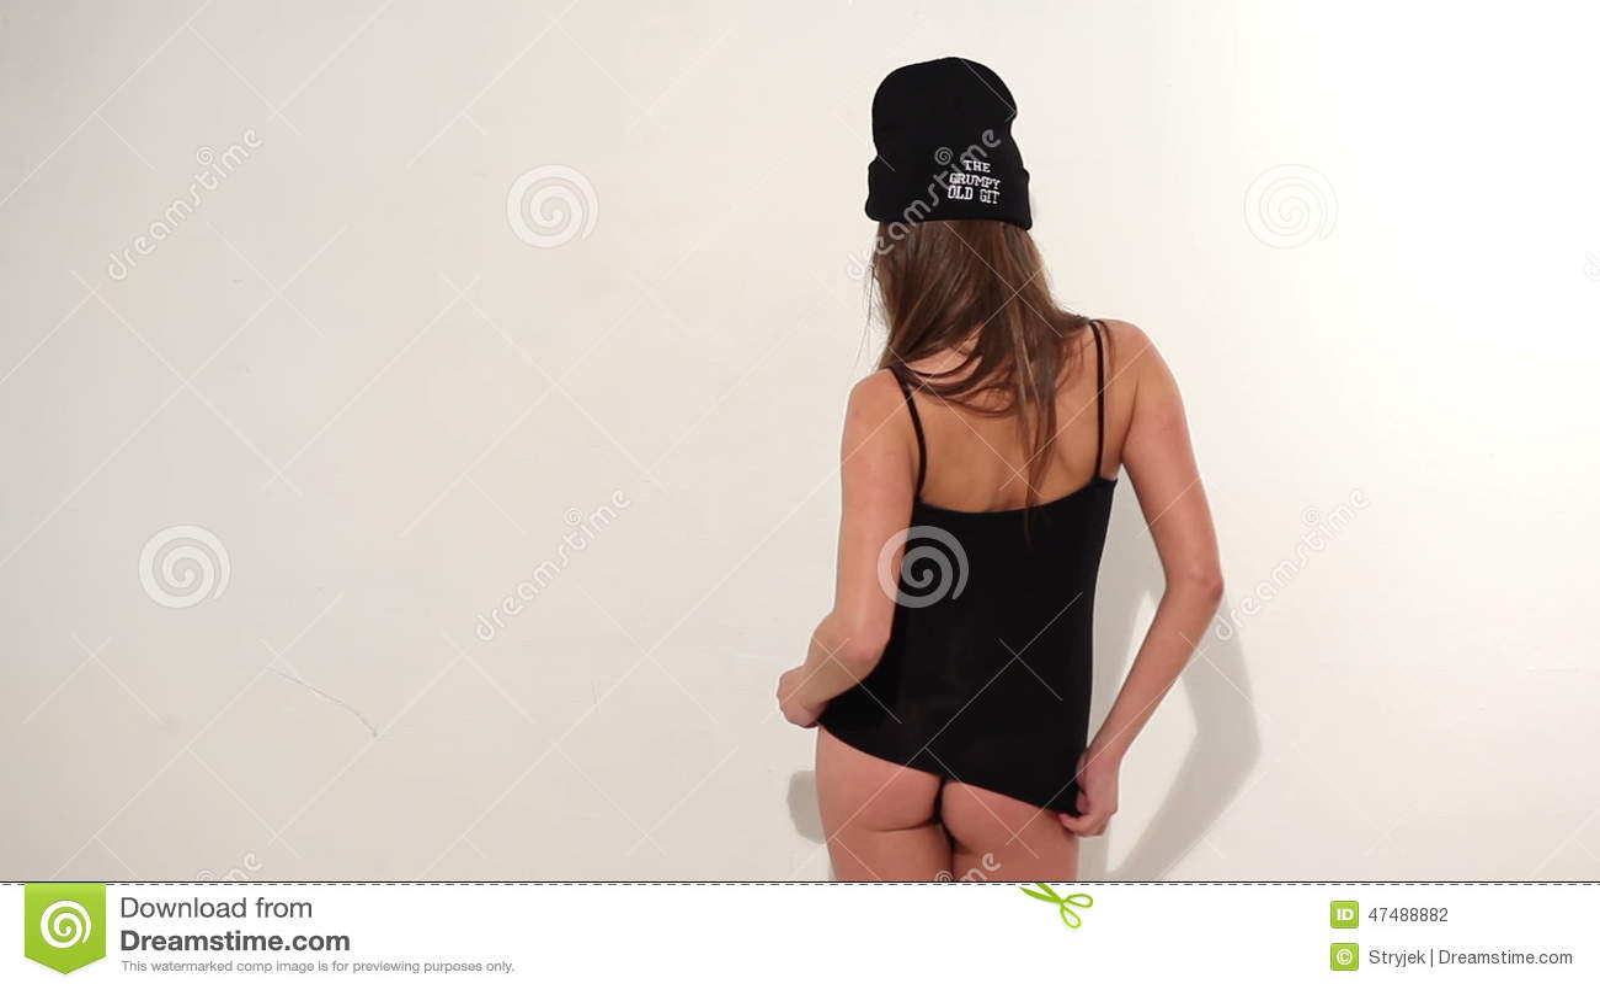 panties Black girl wearing white